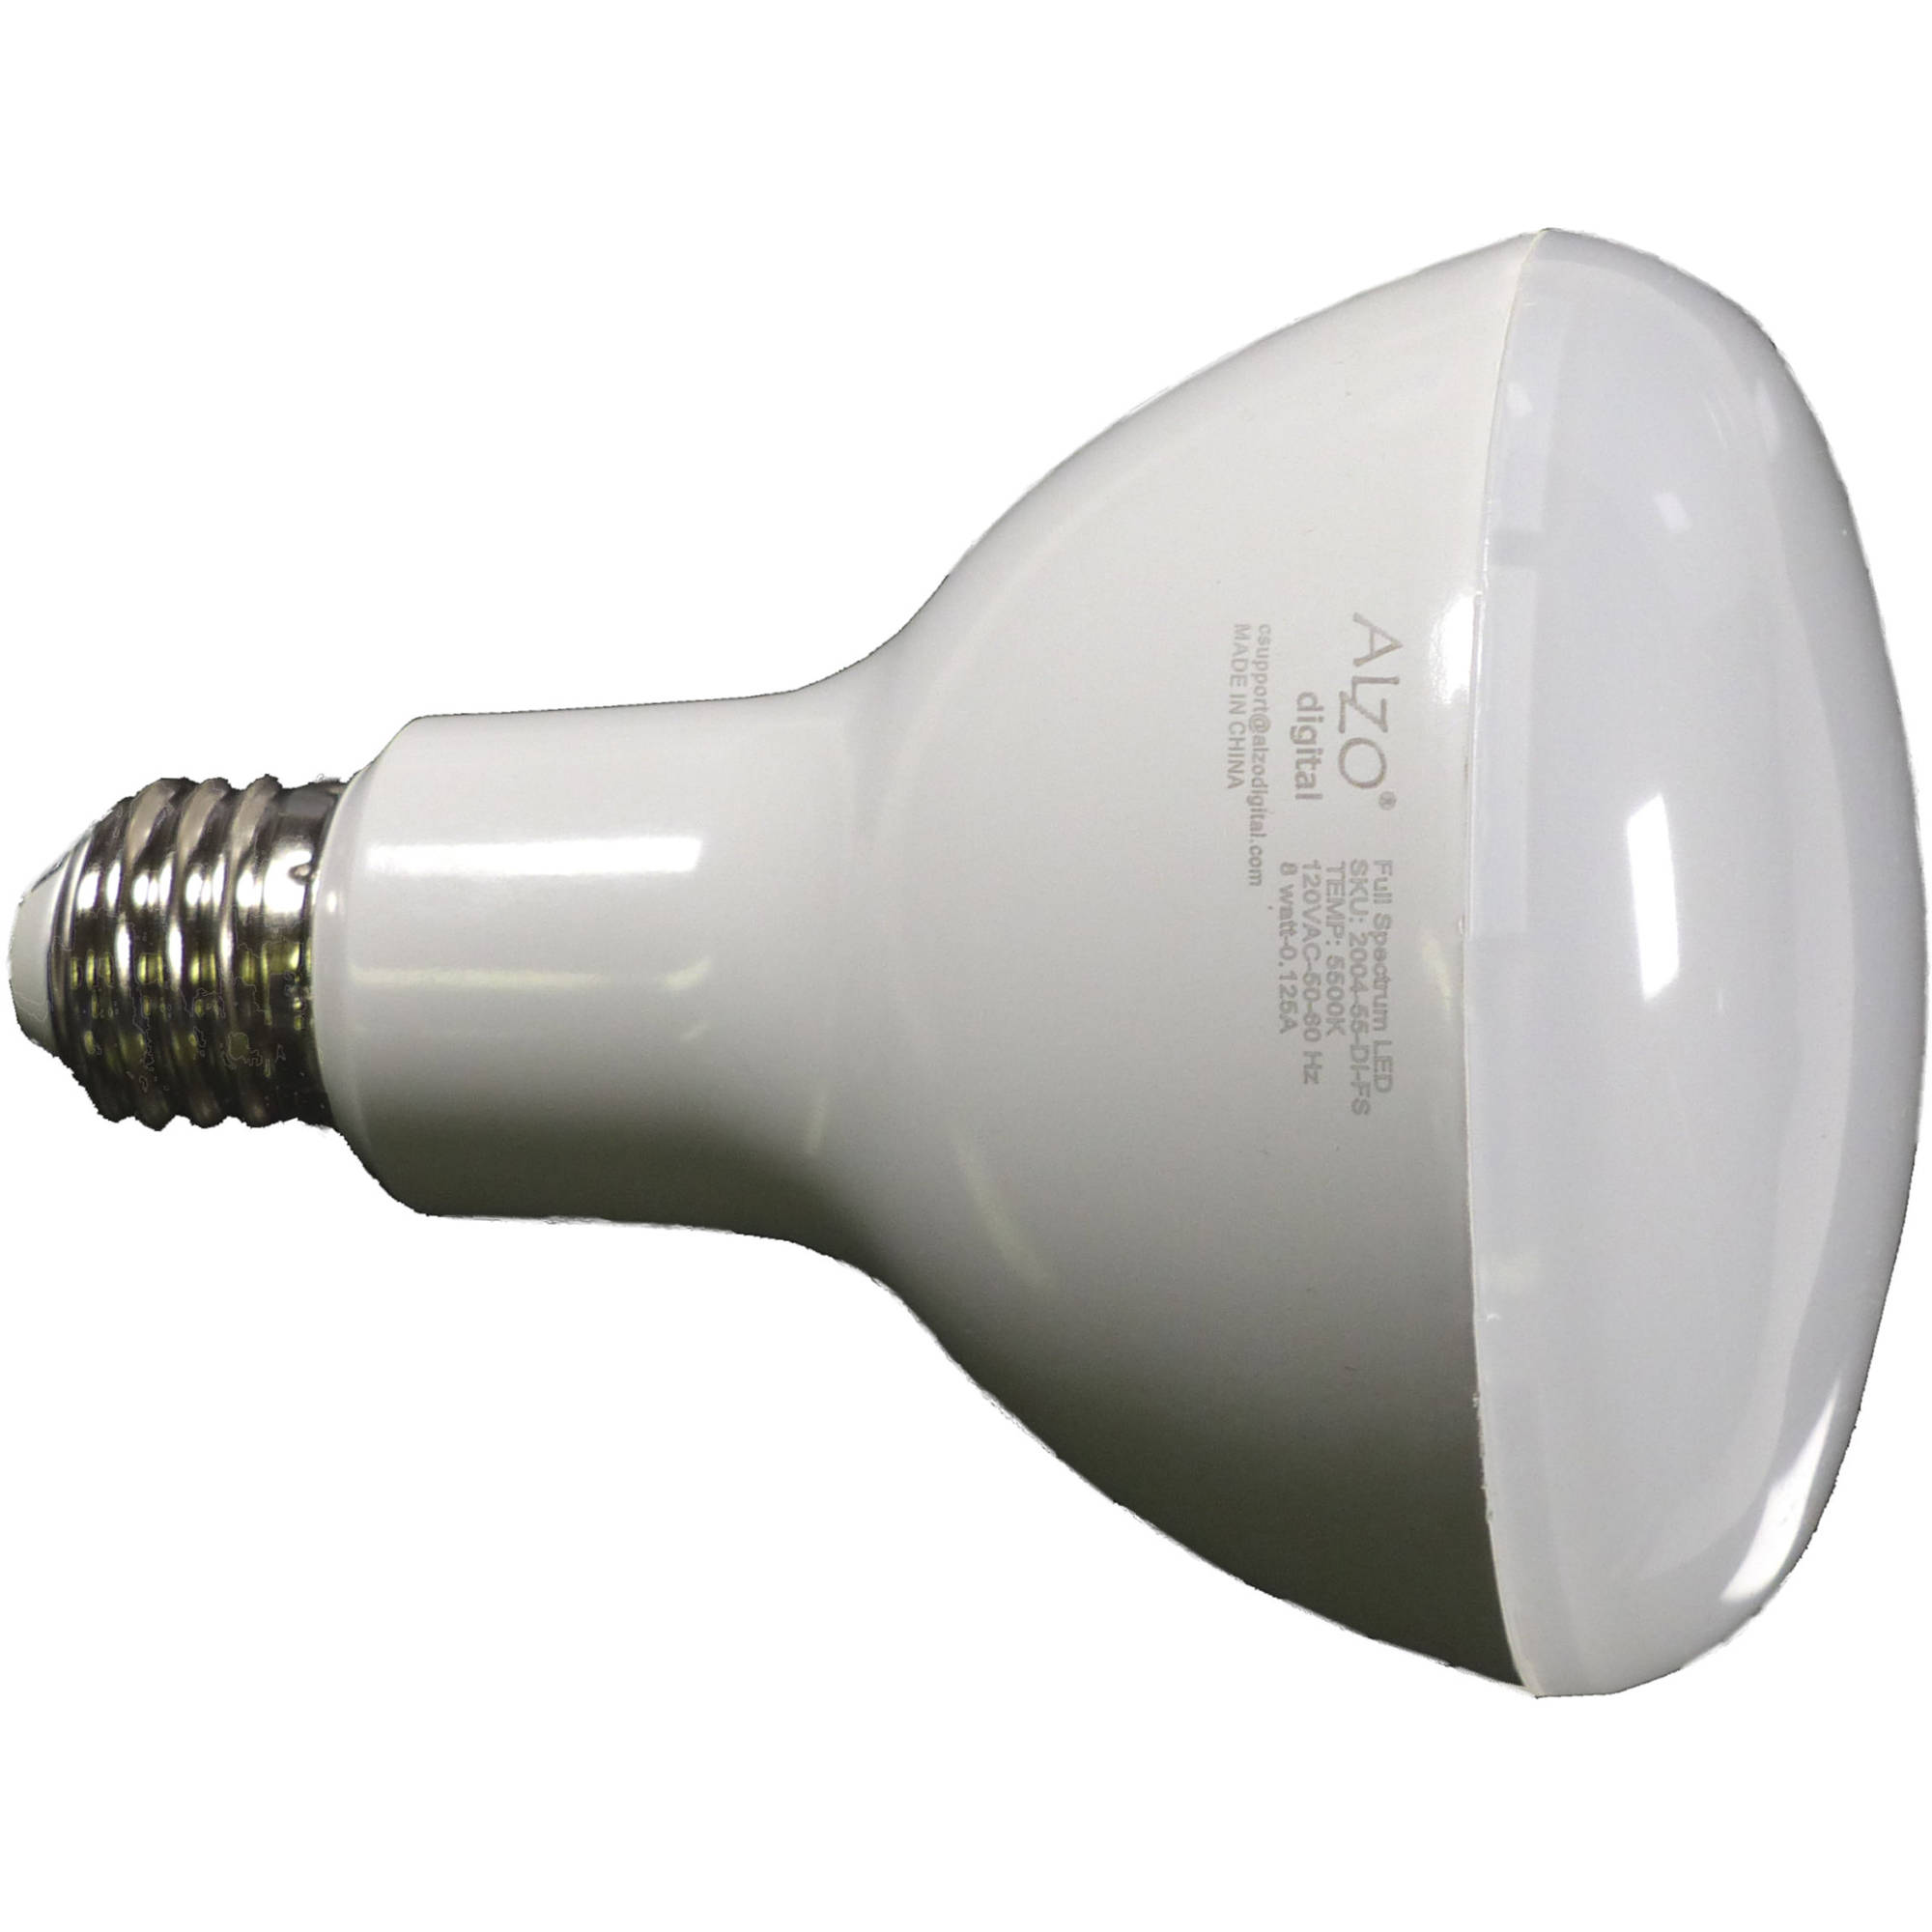 Alzo Joyous Light Dimmable Full Spectrum Led Par38 Flood Bulb 18w 120v